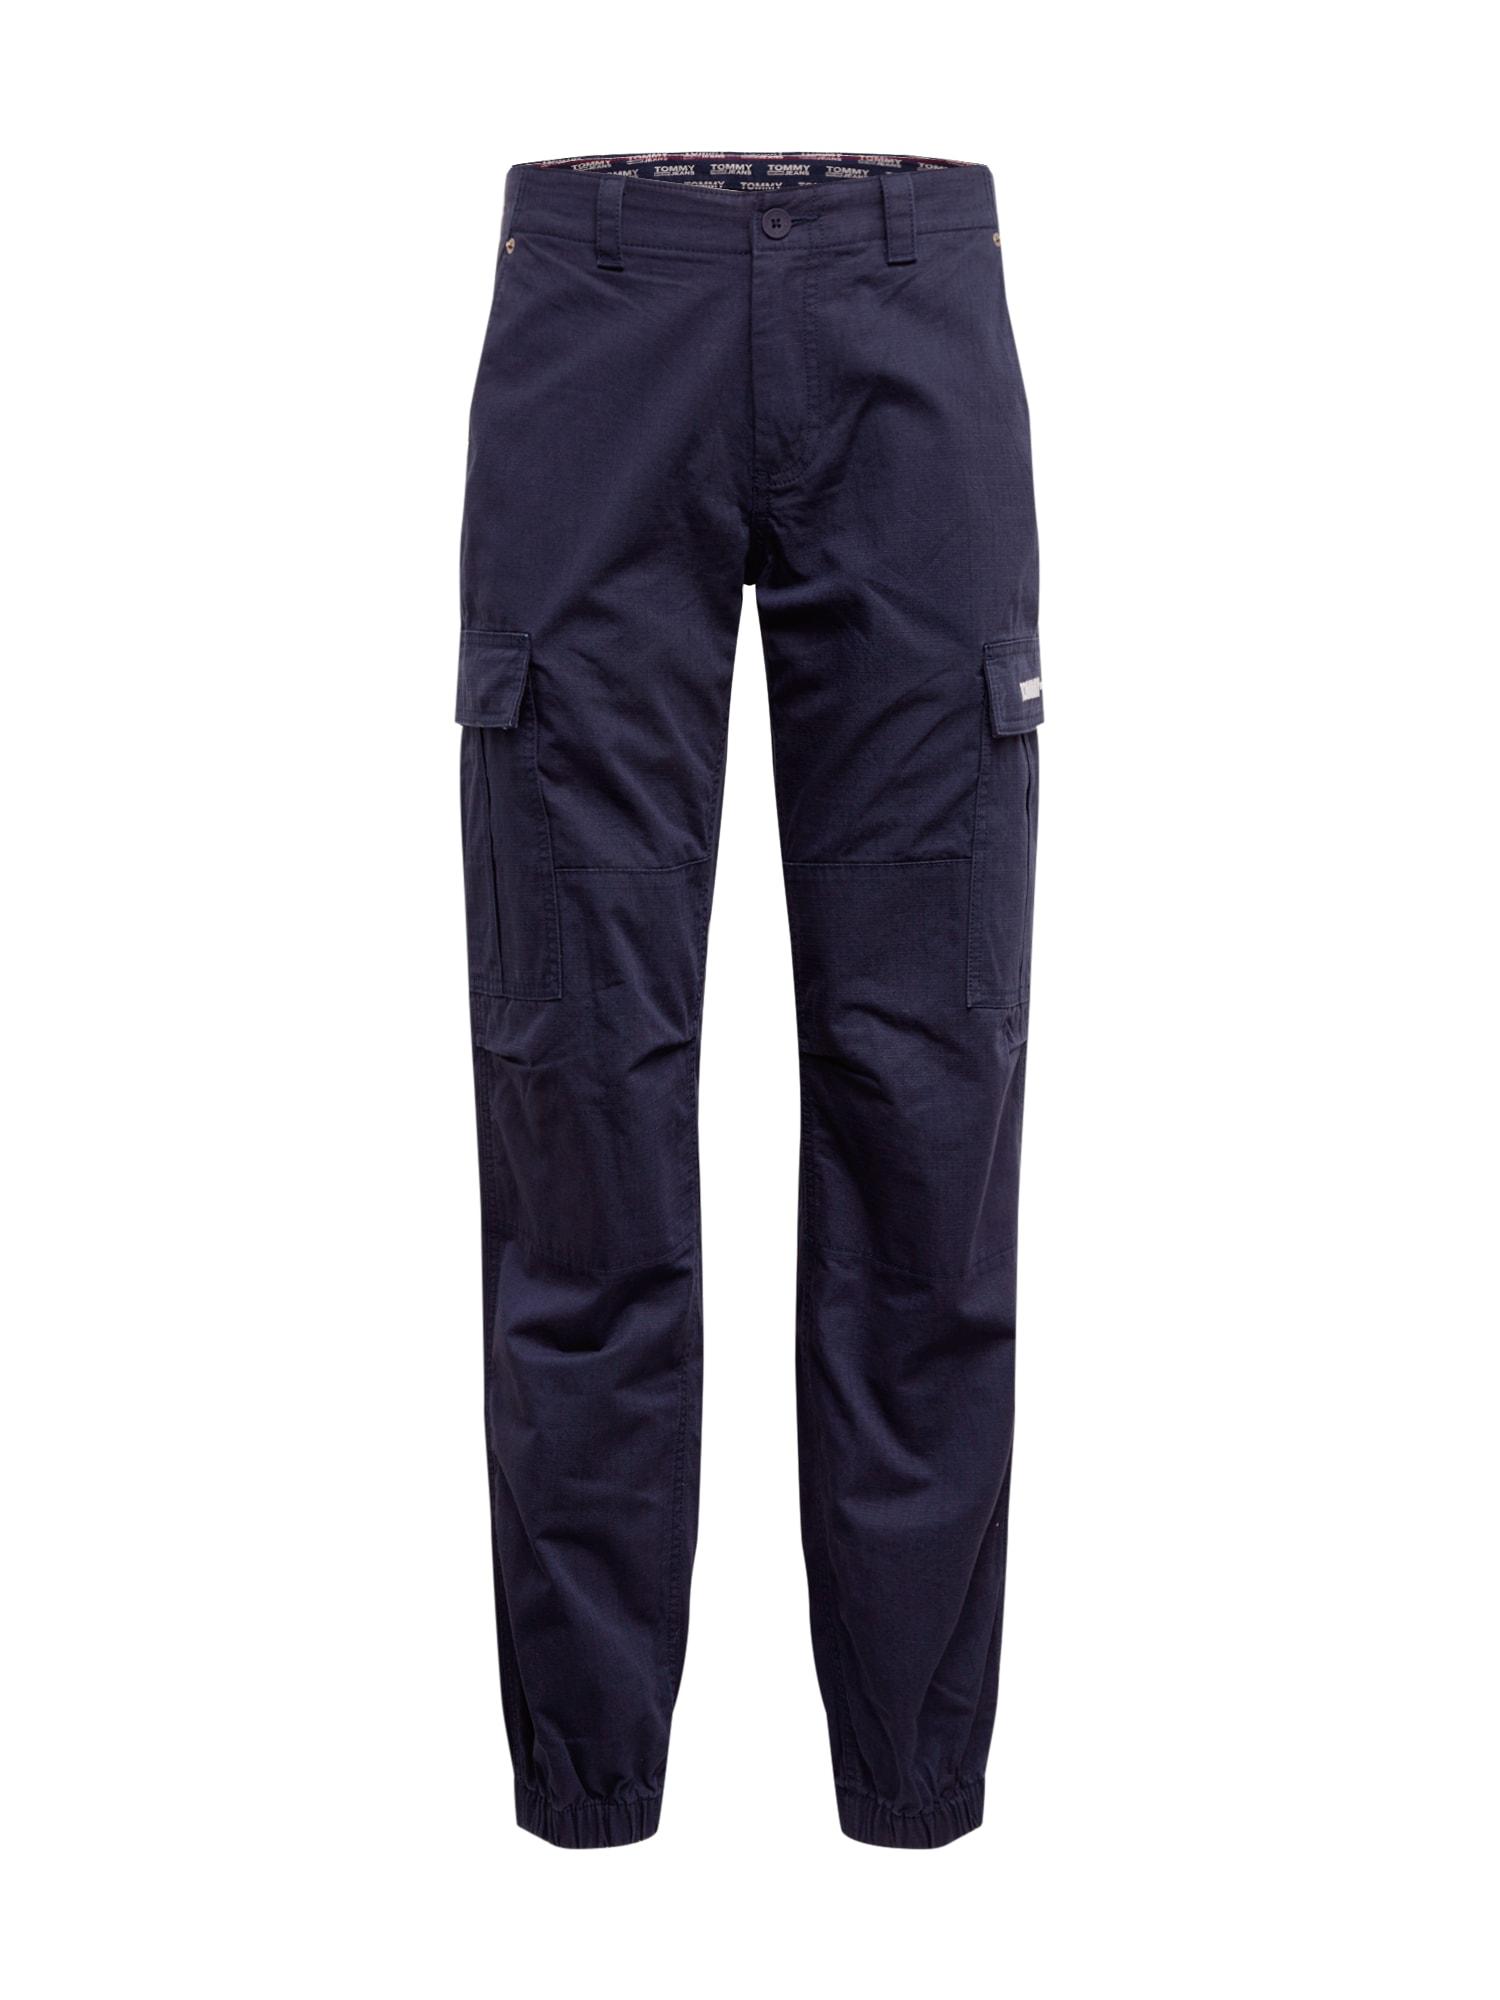 Tommy Jeans Laisvo stiliaus kelnės 'TJM CARGO JOG PANT' tamsiai mėlyna